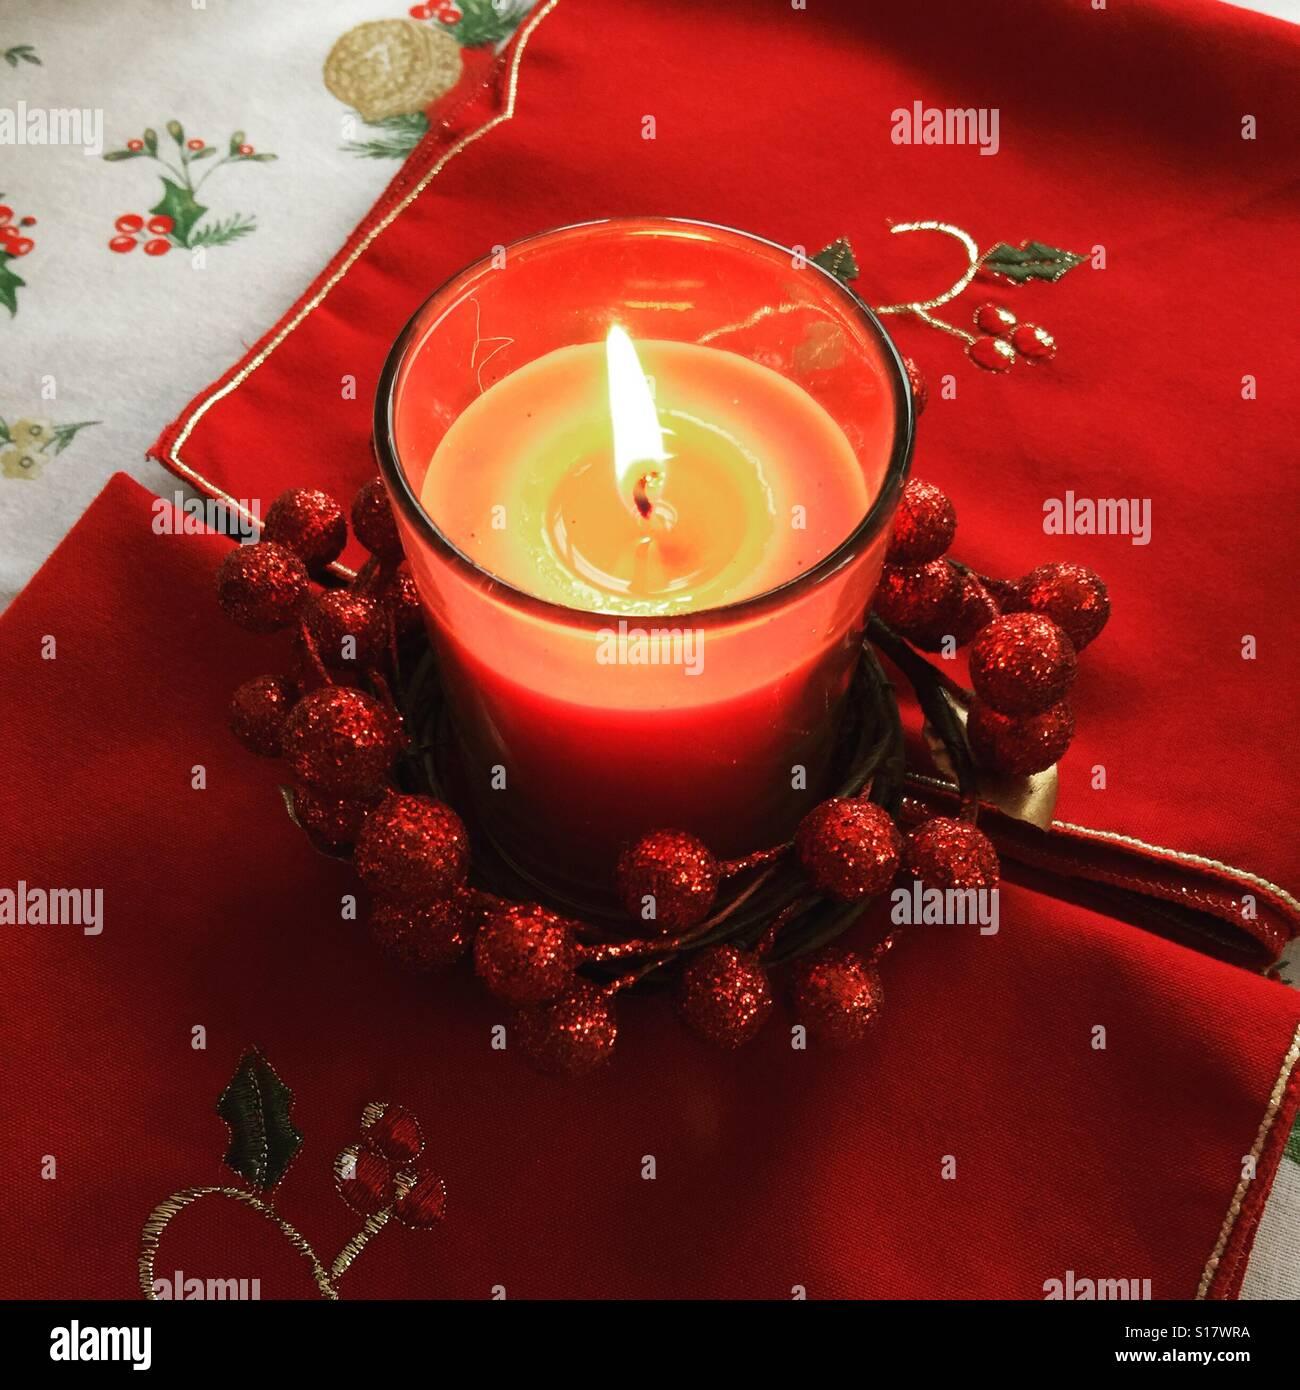 Kerze an Weihnachten Stockbild